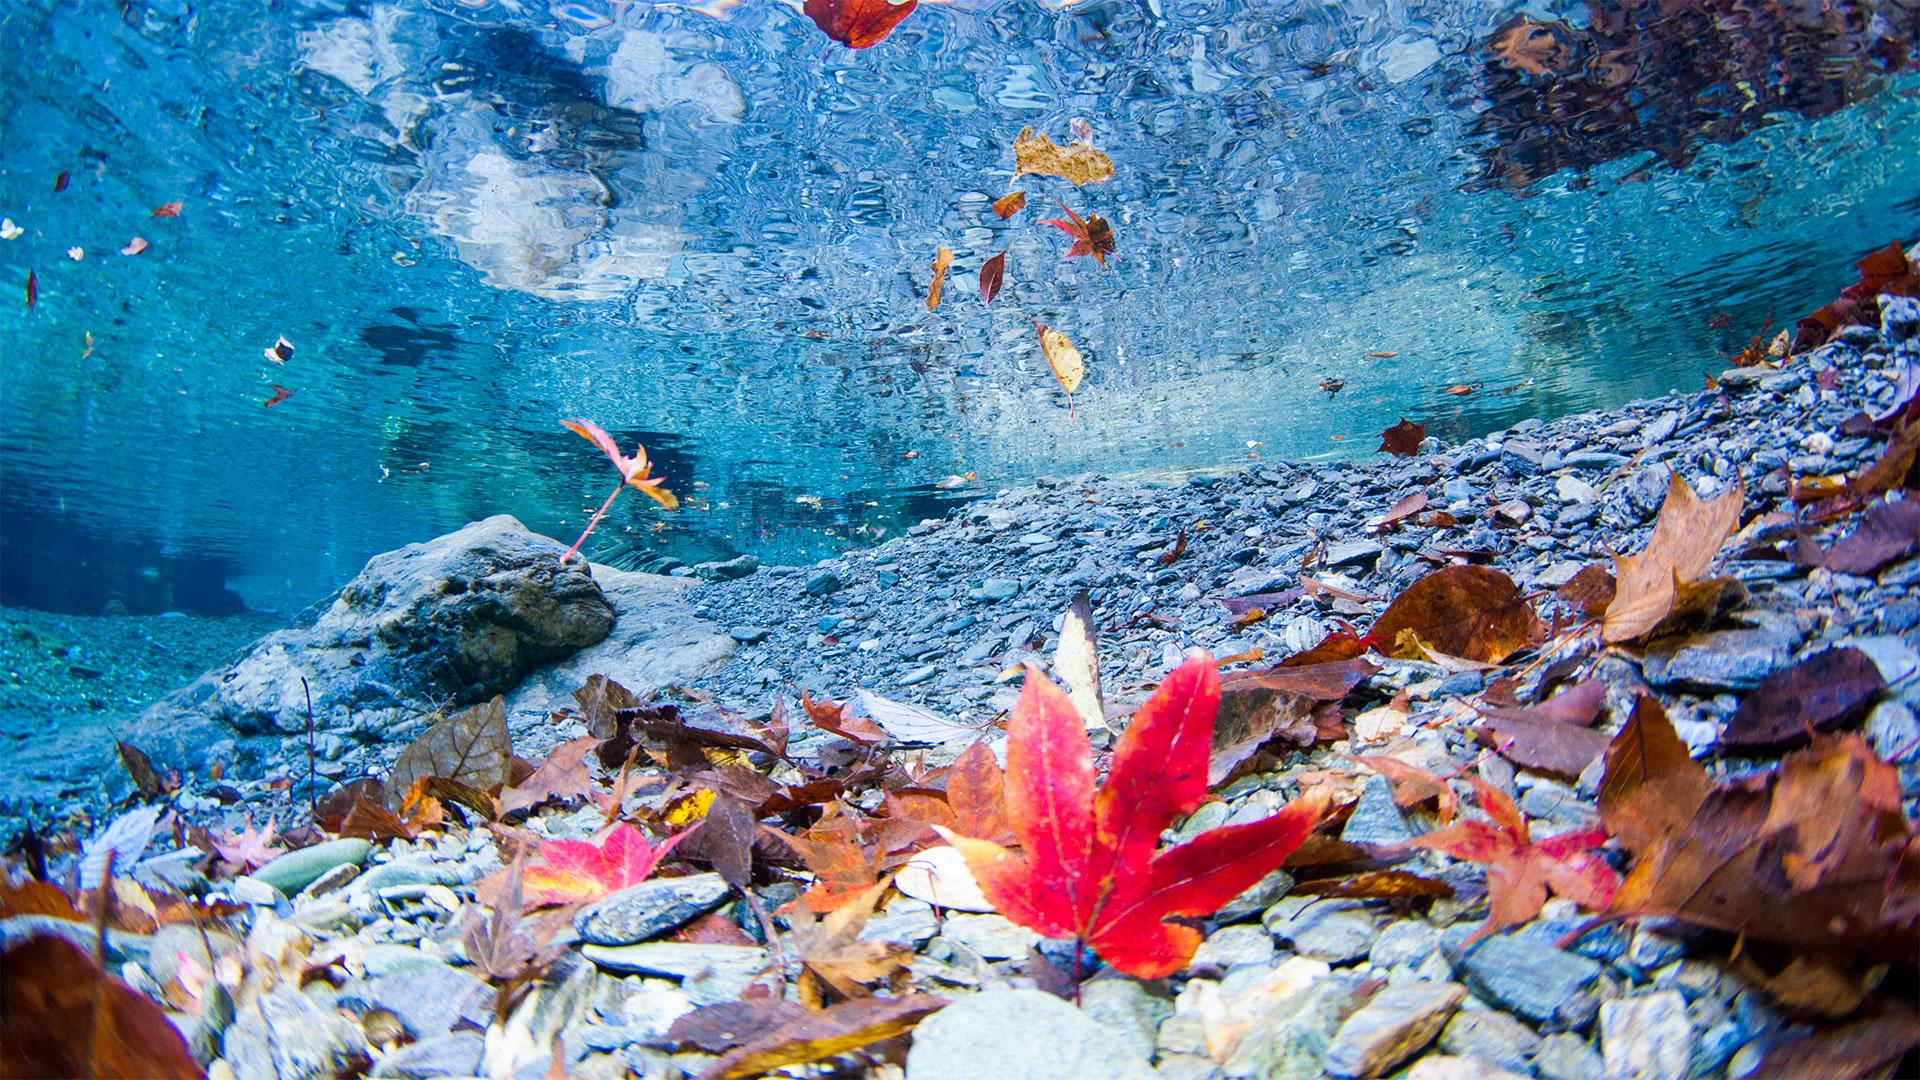 ダイビング水中写真:海だけじゃない!山でも紅葉を楽しむ